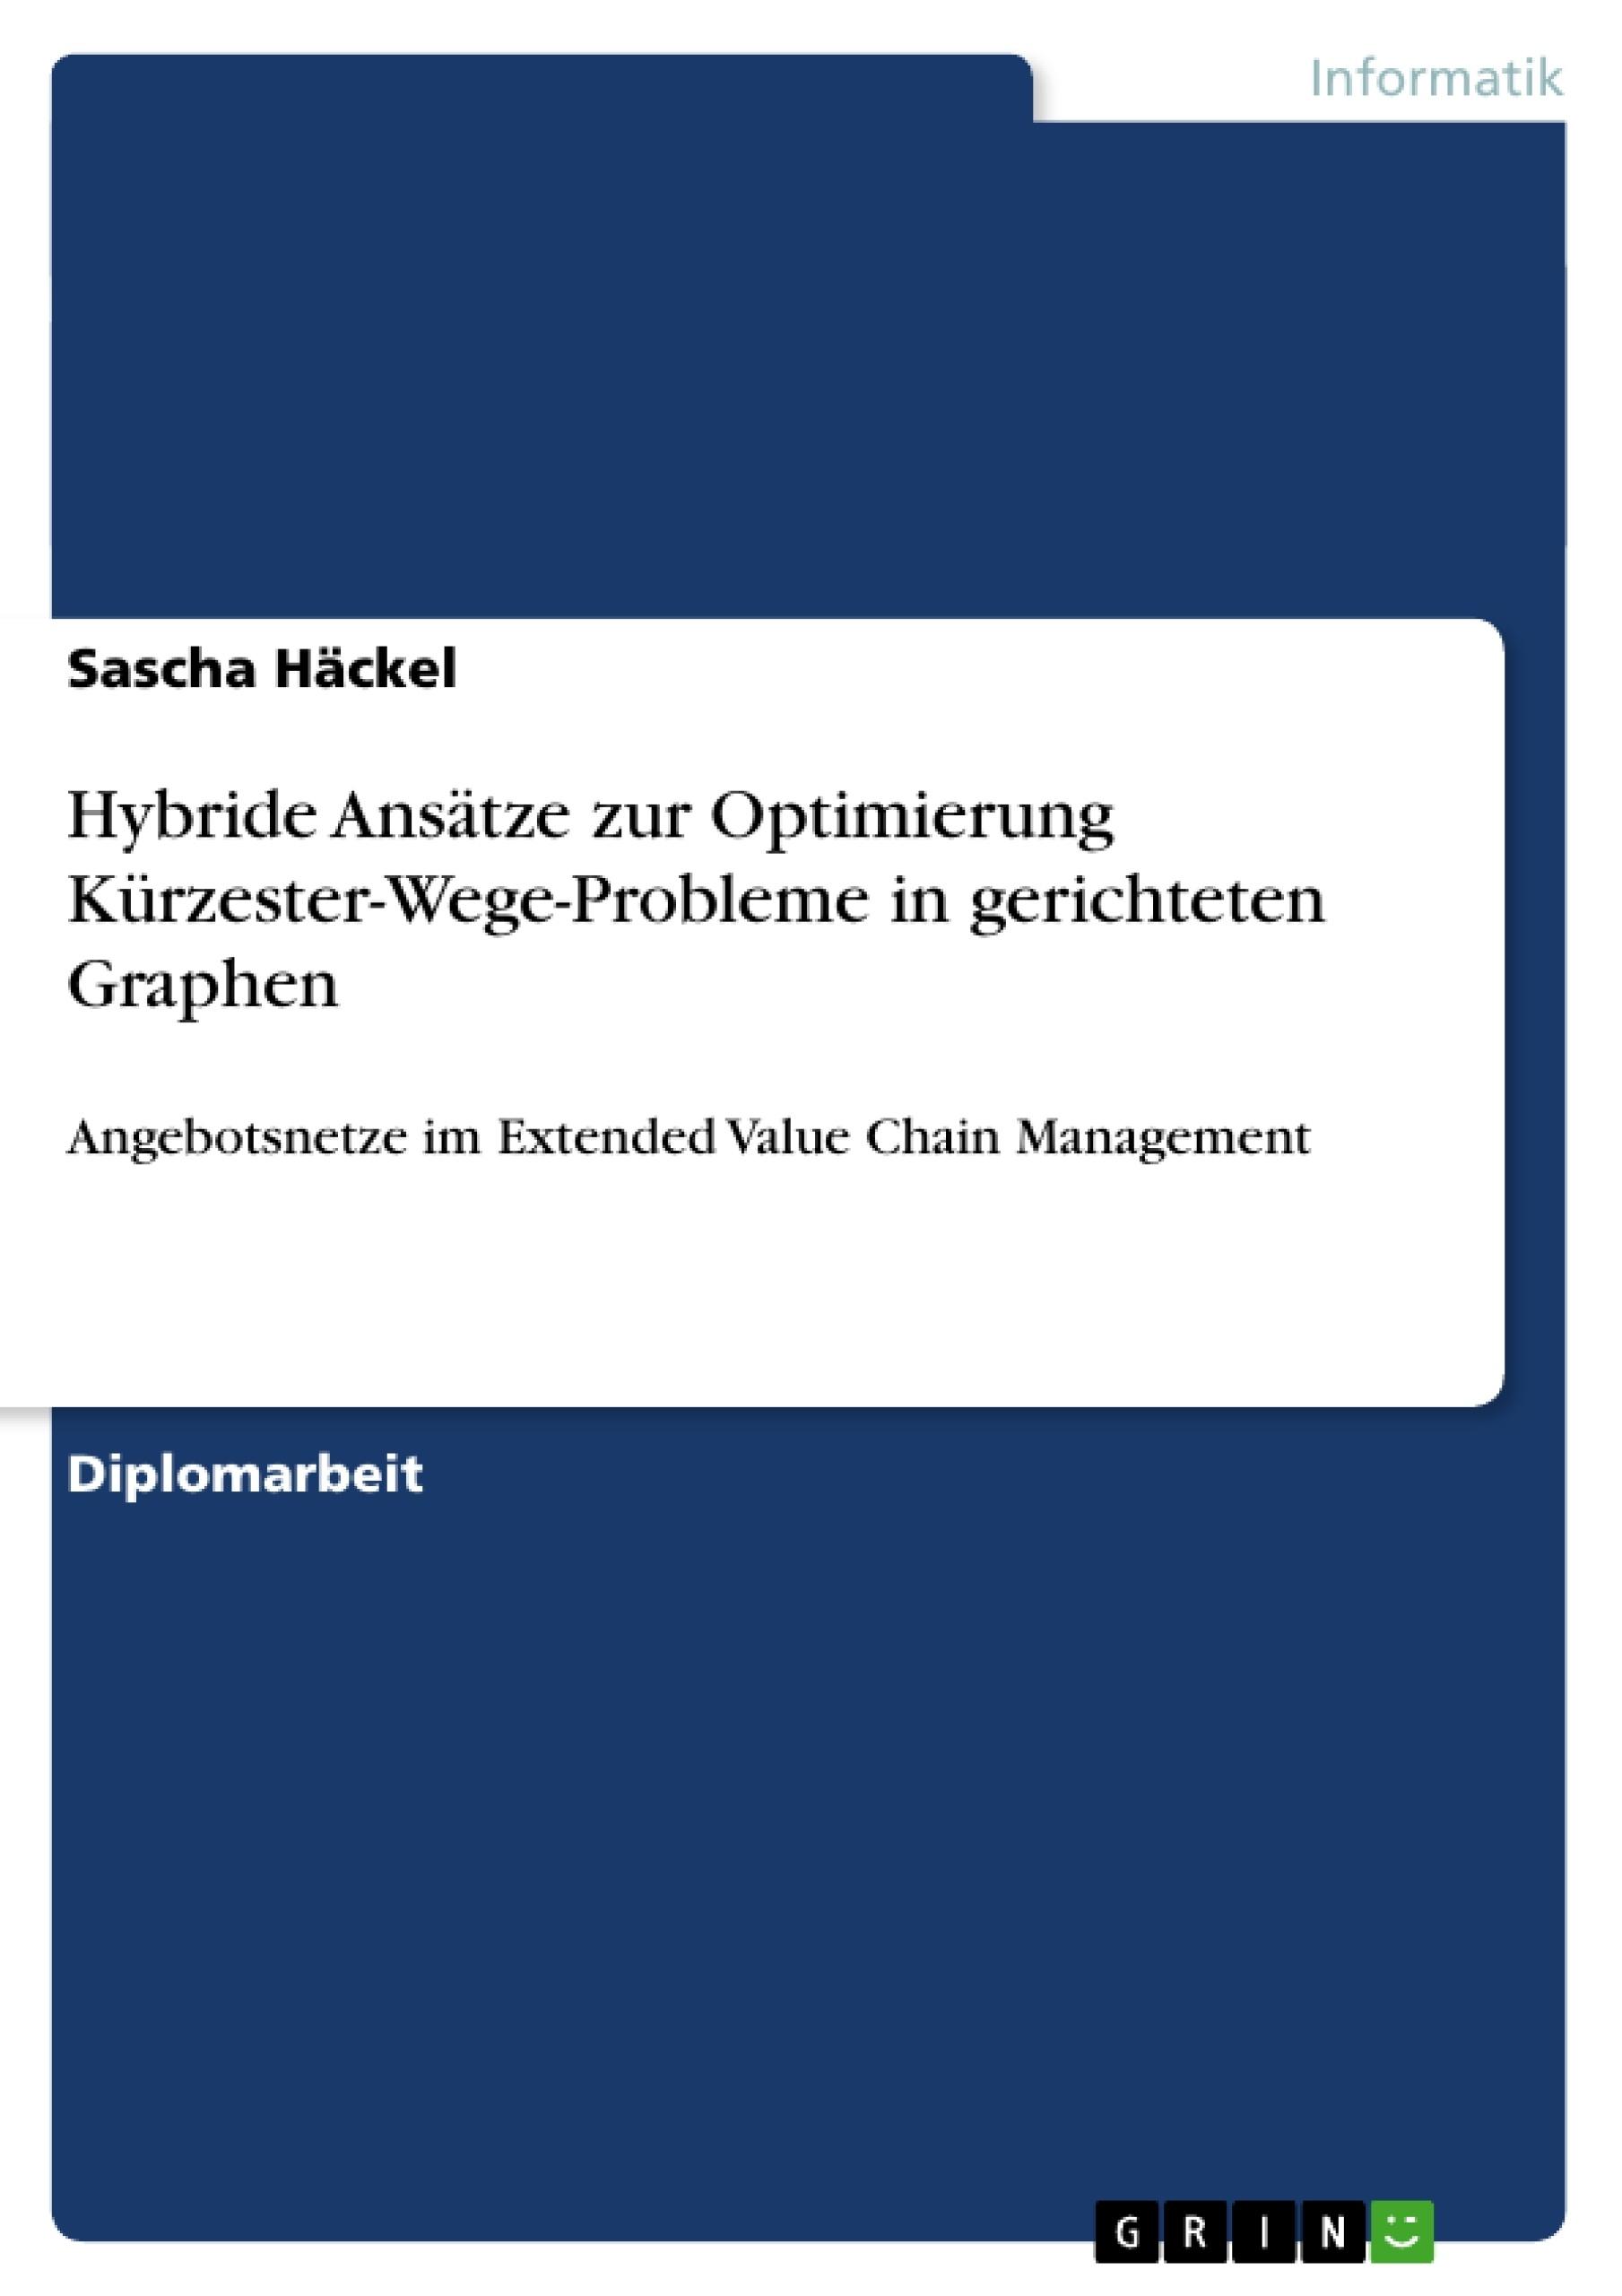 Titel: Hybride Ansätze zur Optimierung Kürzester-Wege-Probleme in gerichteten Graphen